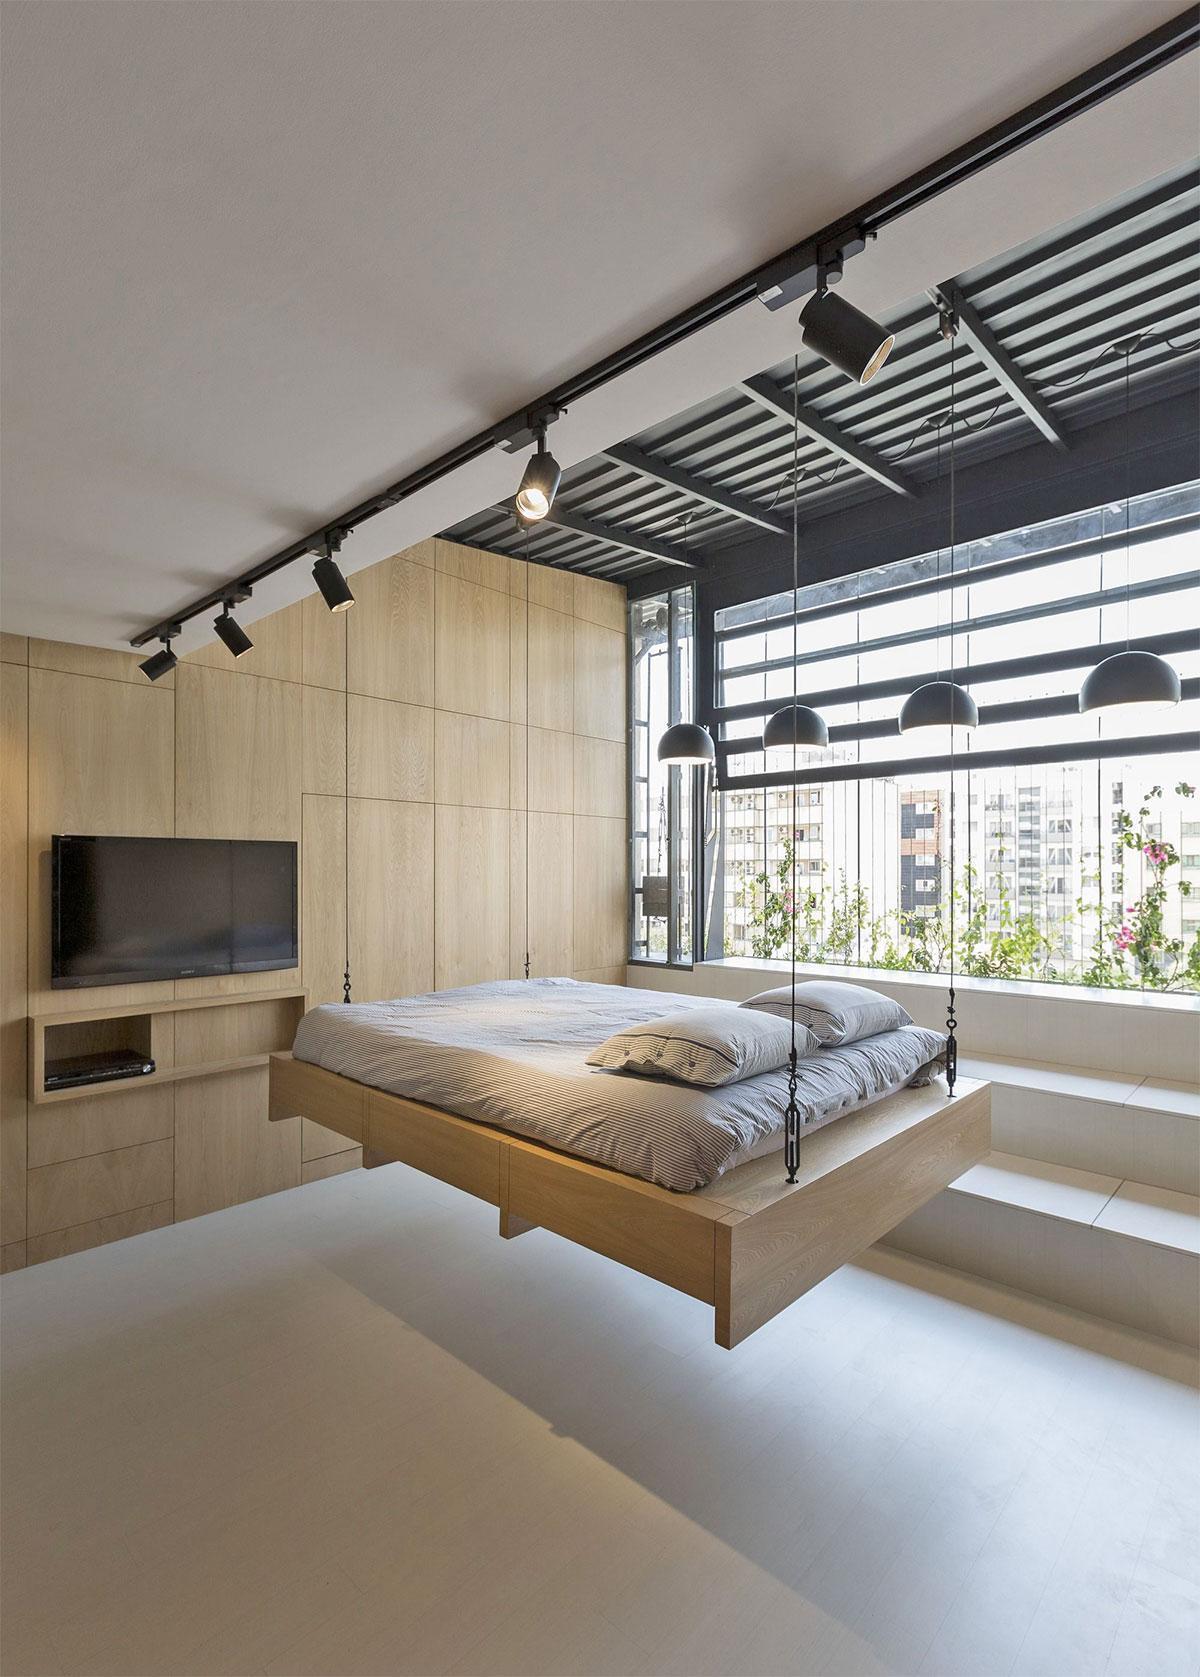 giường treo đẹp